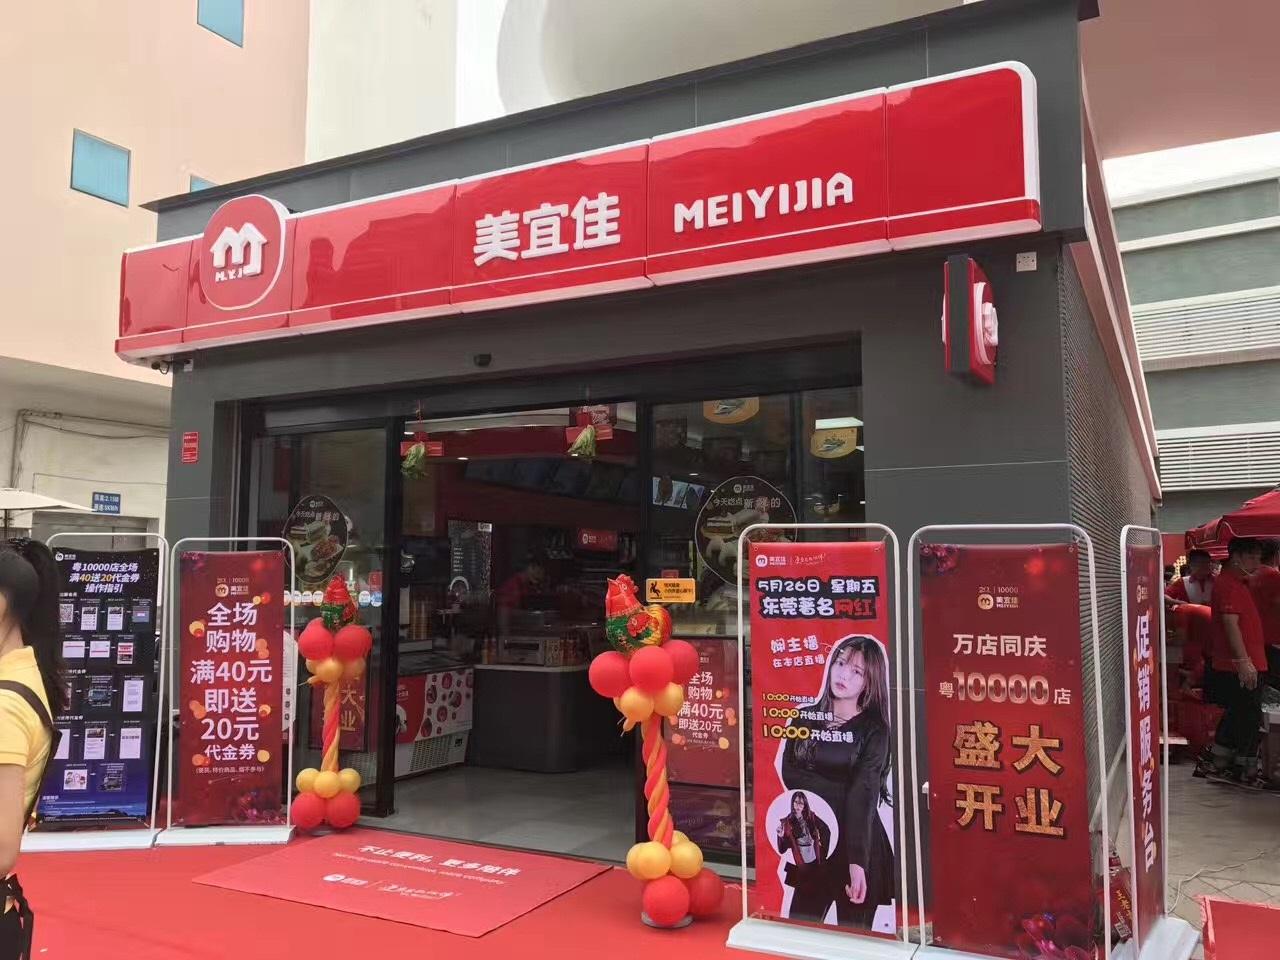 美宜佳便利店第10000家店今天正式开业